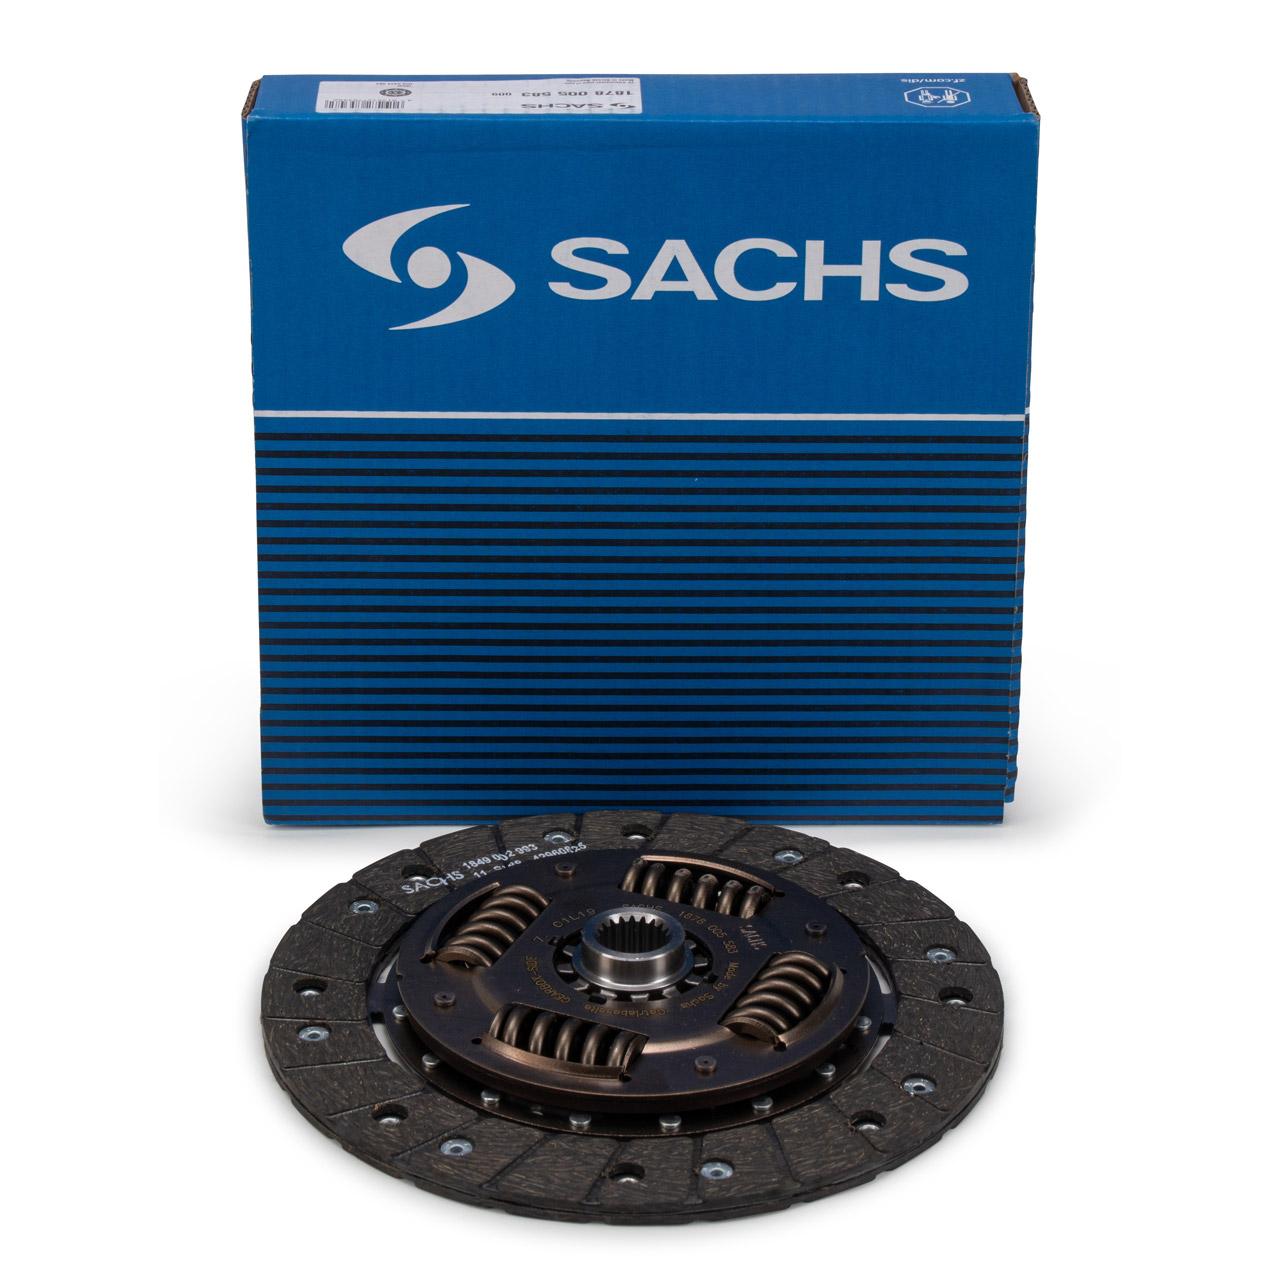 SACHS Kupplungsscheibe PORSCHE 911 2.3 T 2.3 E 2.3 S 2.7 / 3.0 / 3.2 SC Carrera